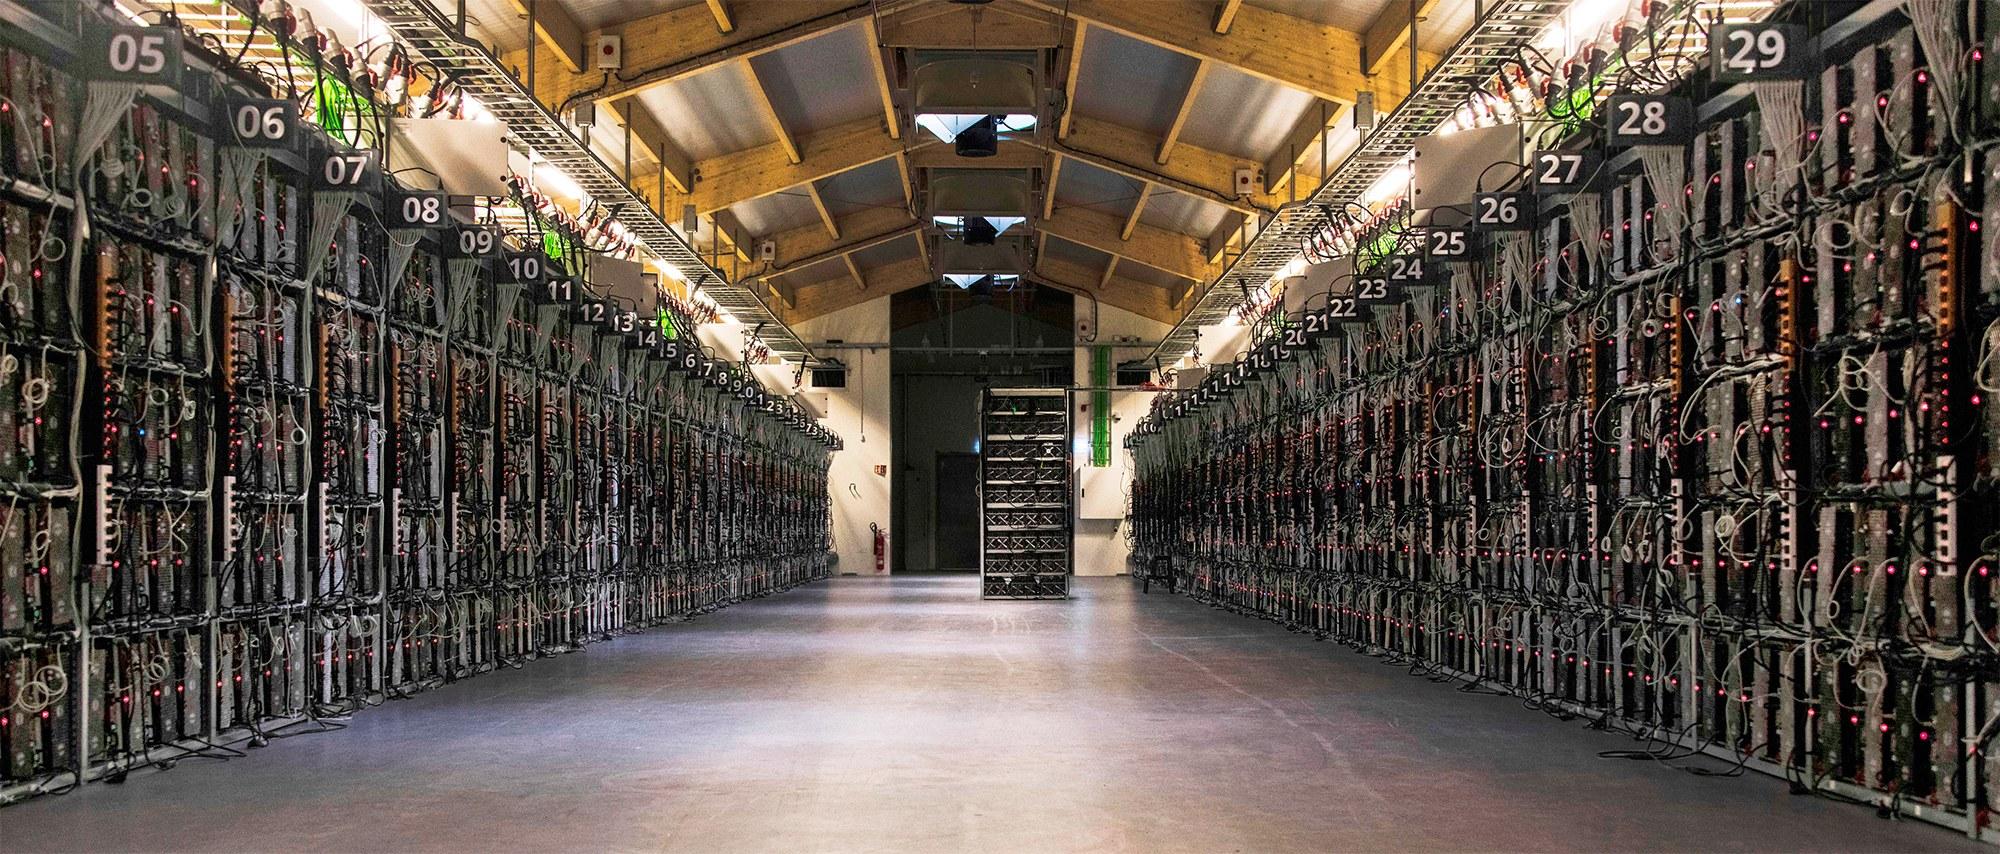 Bitcoin Madenciliği (Mining) Nedir ve Nasıl Yapılır? Tüm Merak Edilenler •  Coinkolik